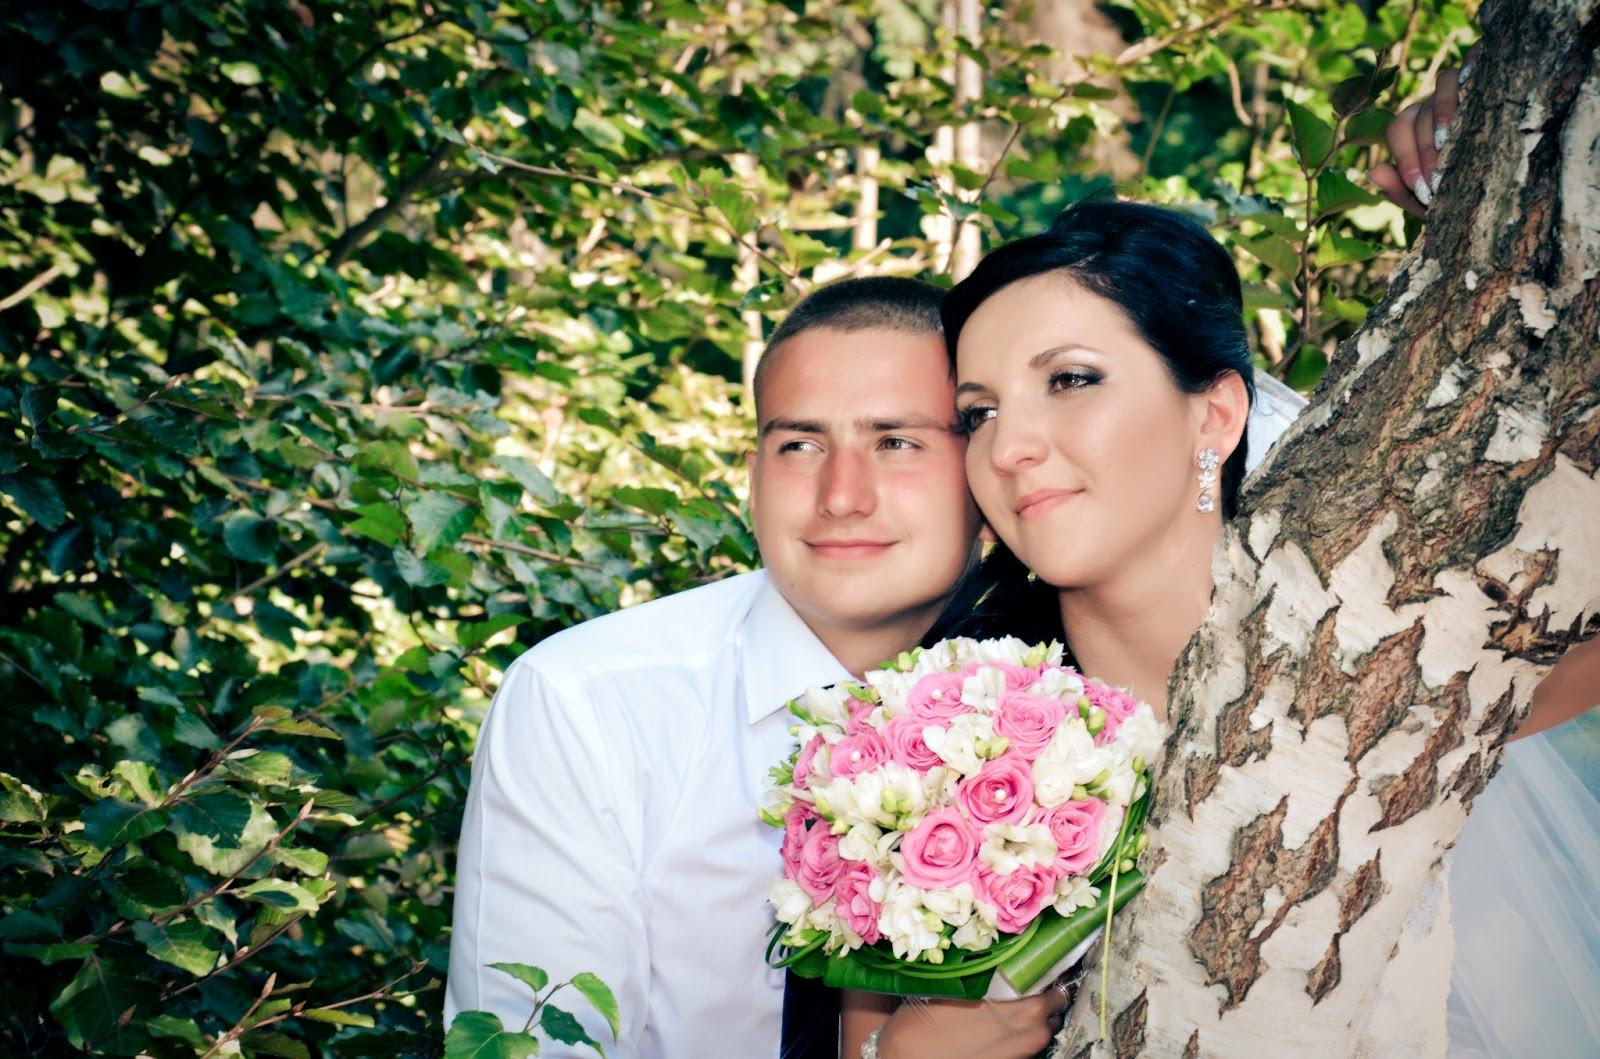 Марина и саша свадьба фото